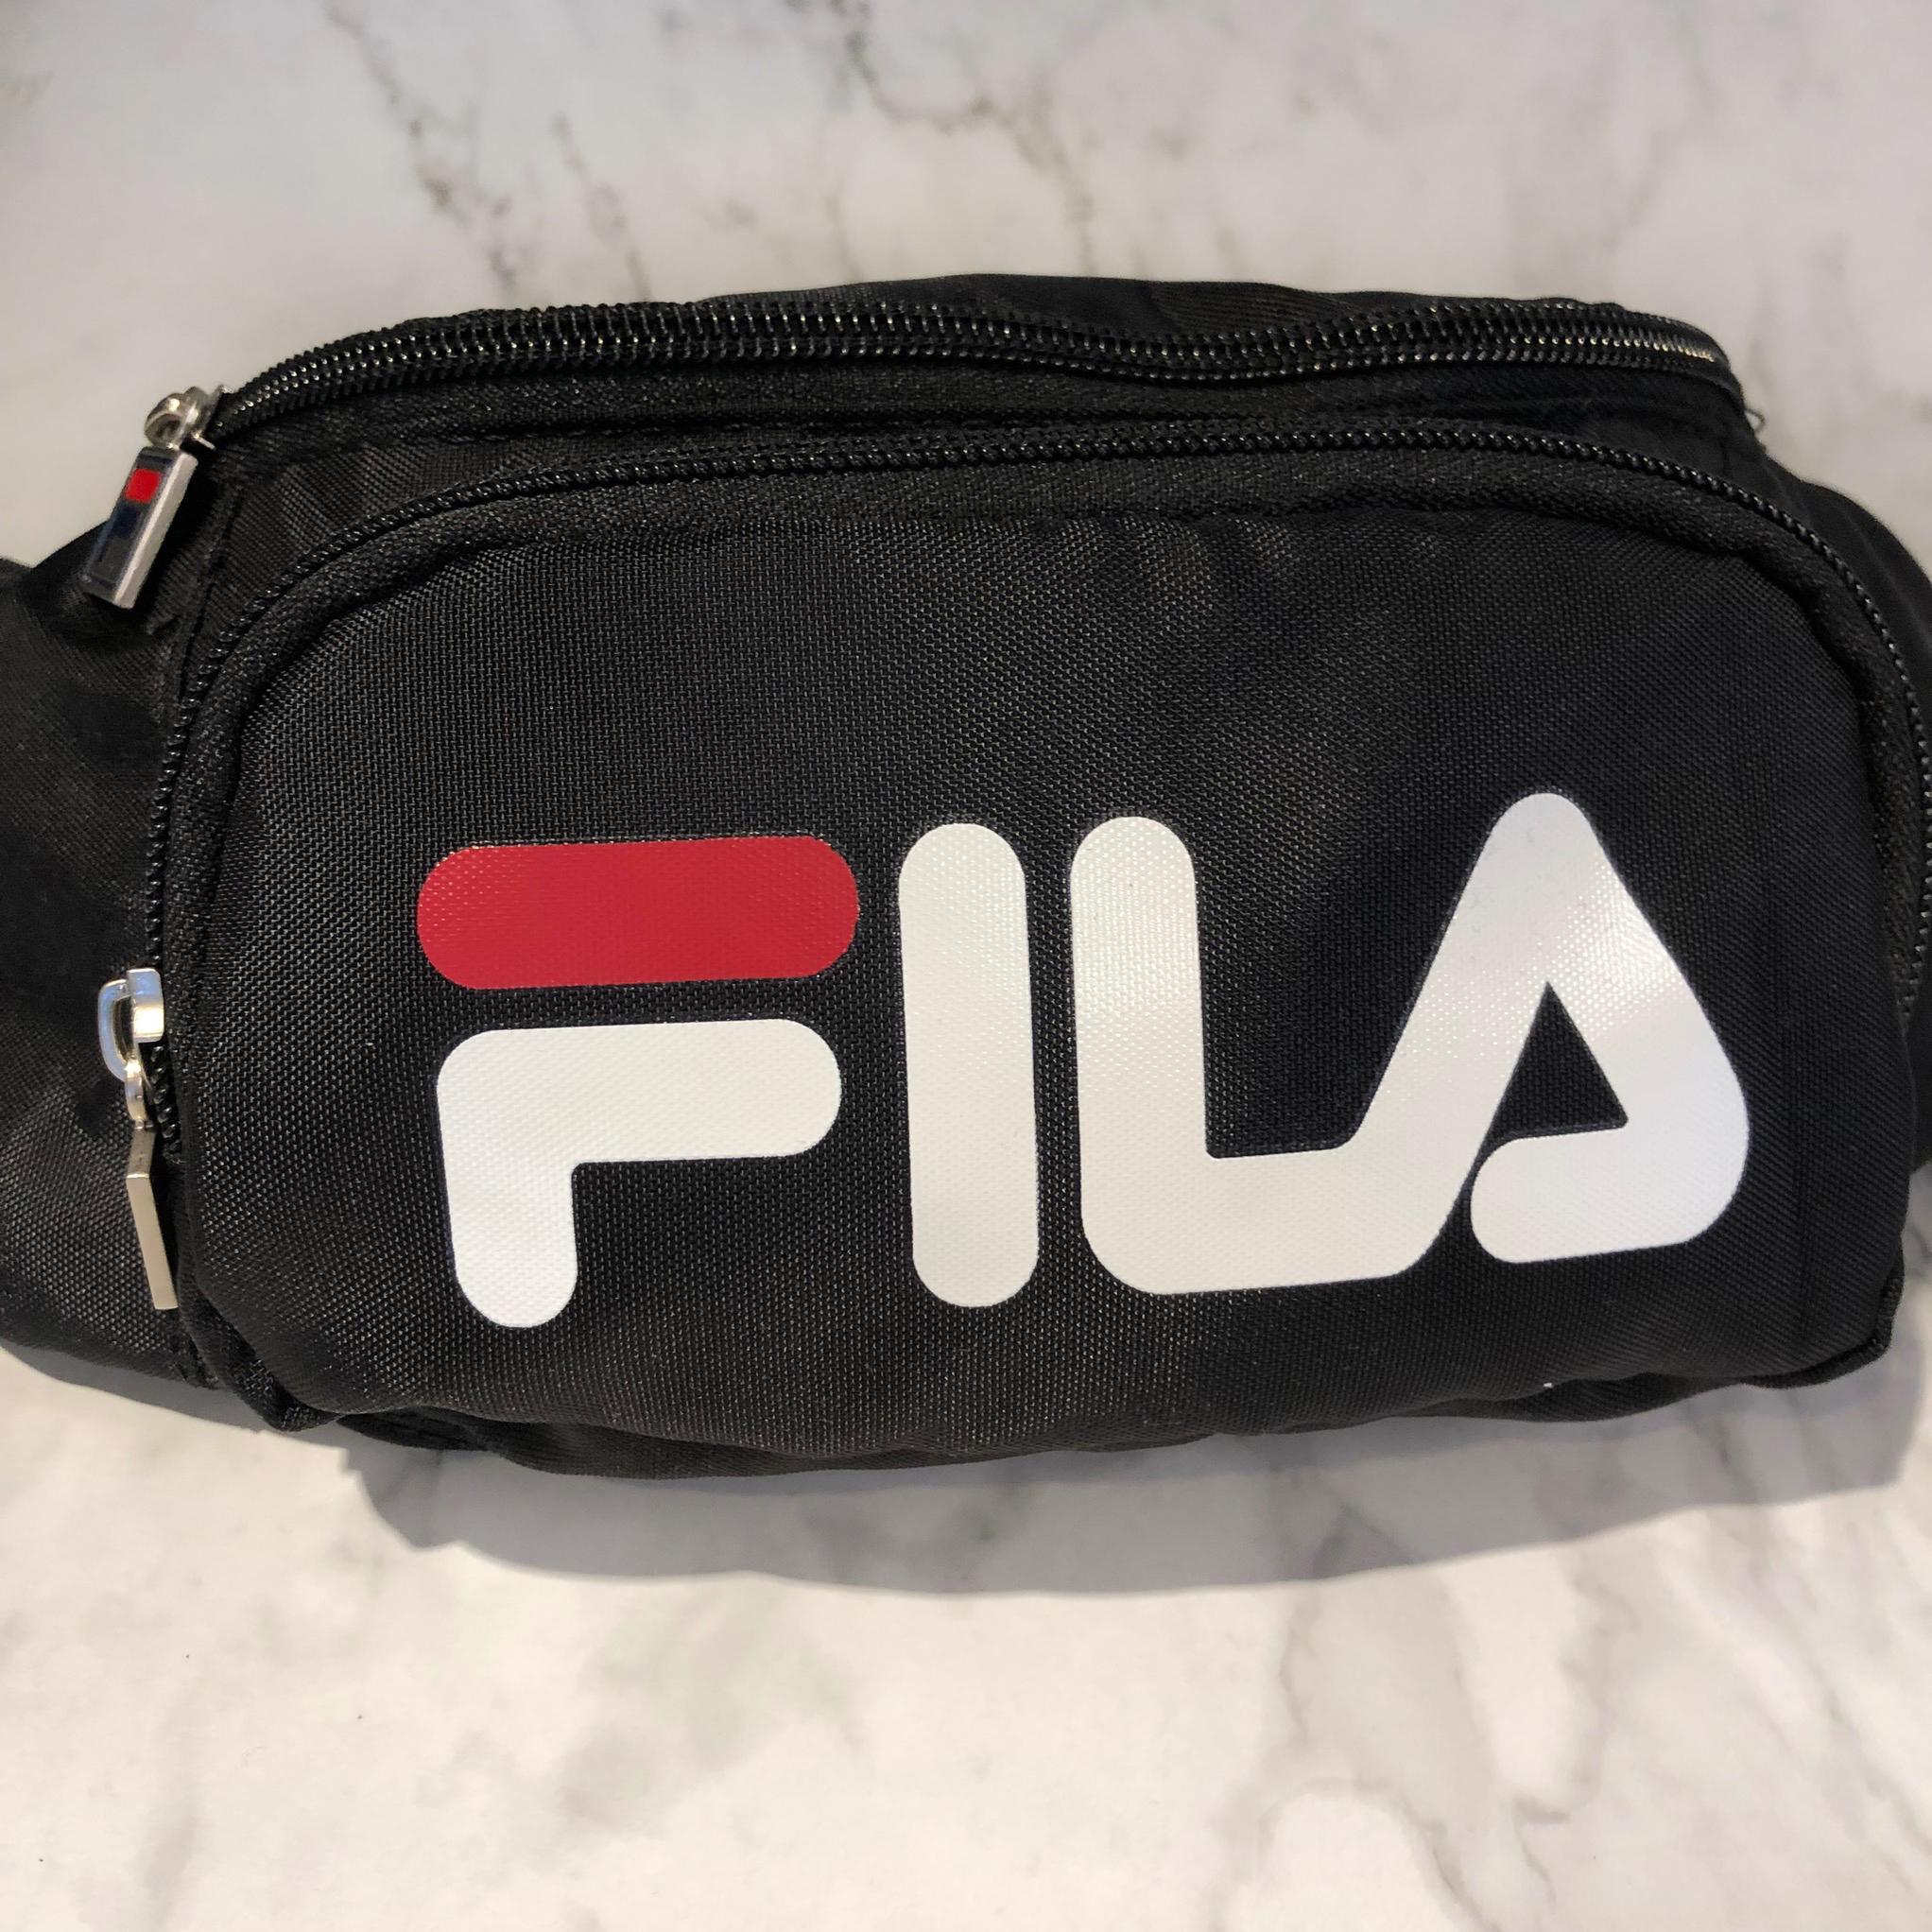 美國百分百【全新真品】 FILA 包包 腰包 logo 潮流時尚 男 女 黑色/logo拼接色 AD96